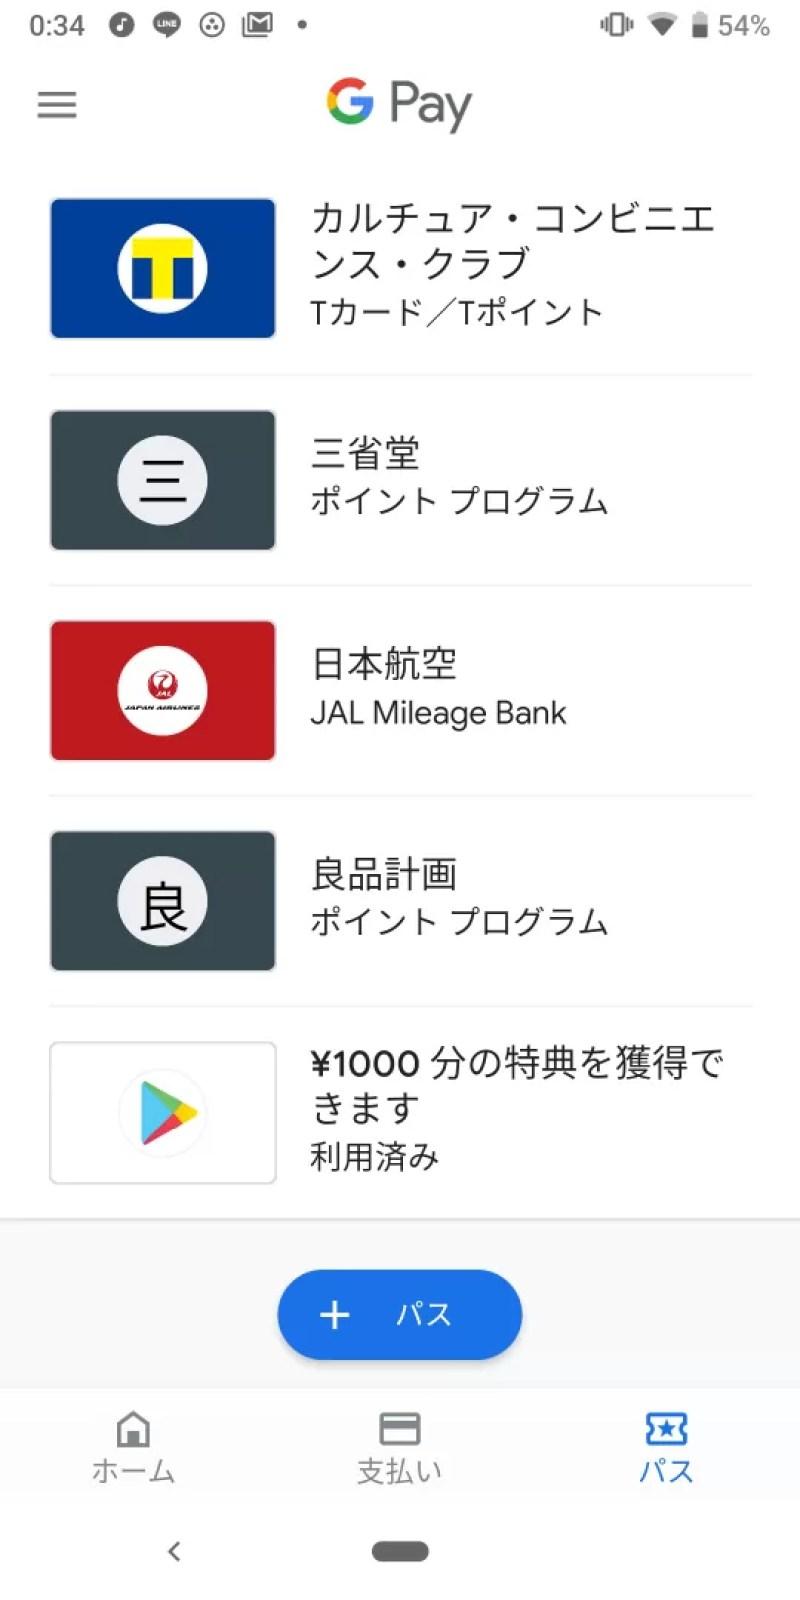 ポイントカードをGoogle Payで管理できる